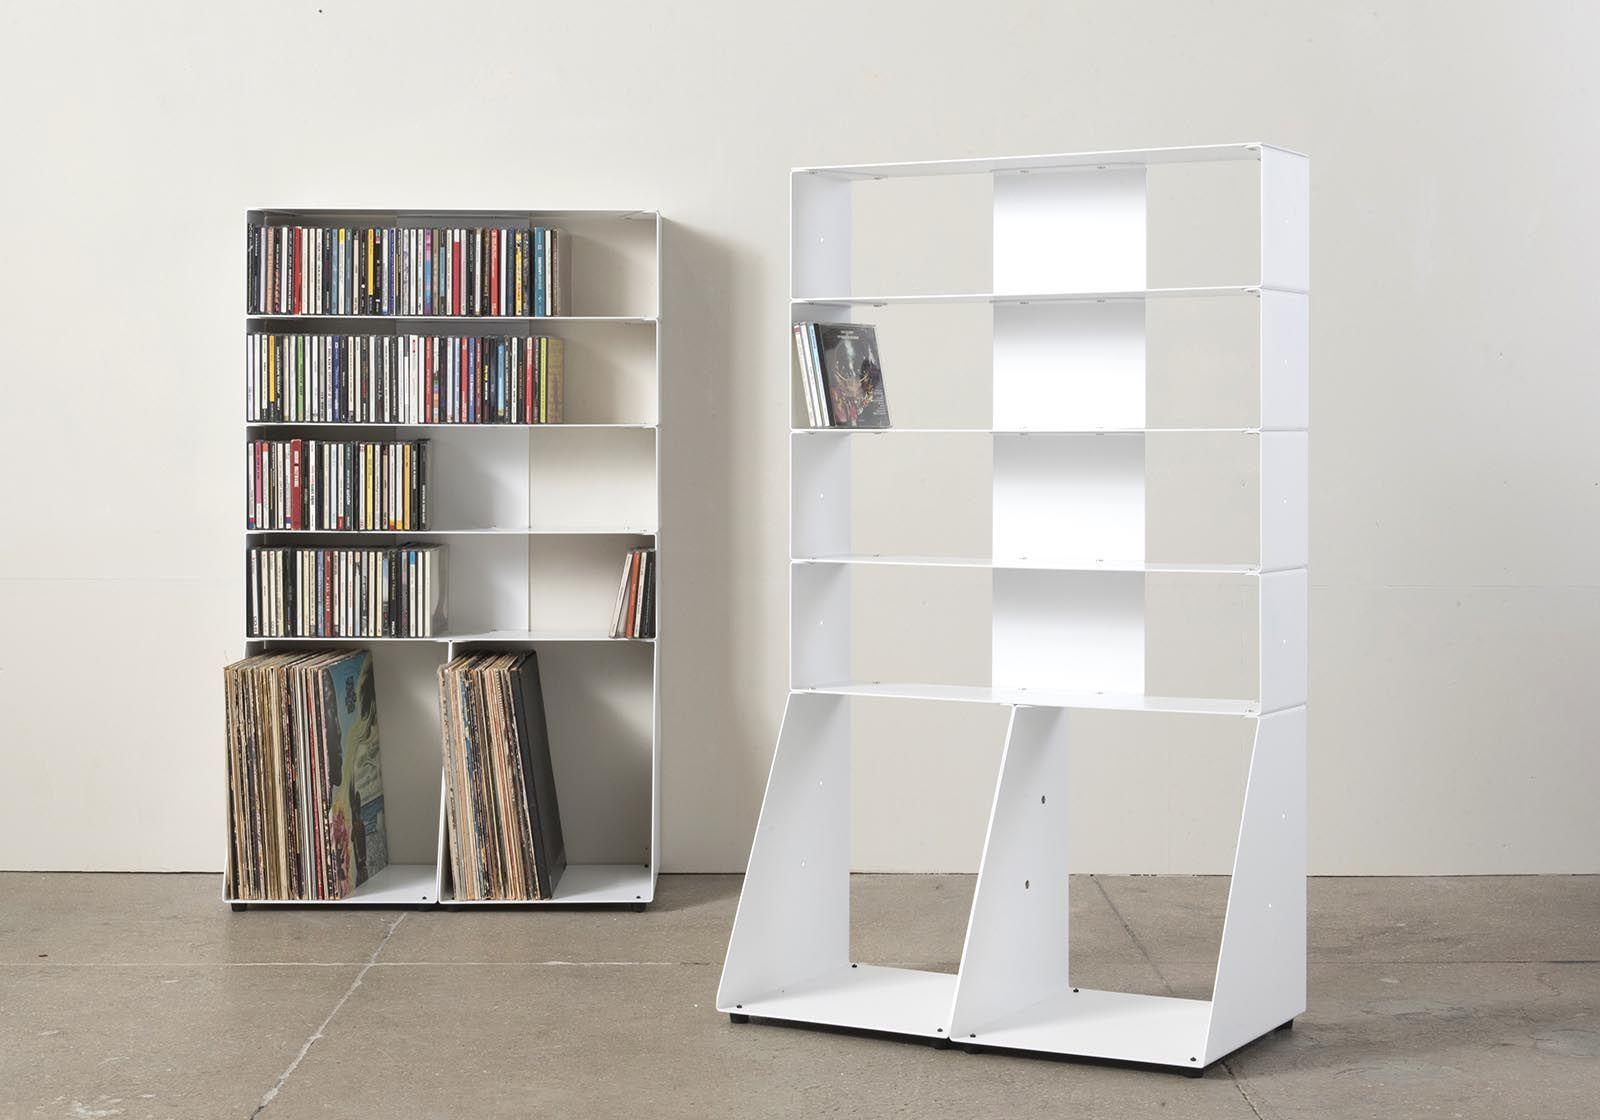 meuble cd vinyle 5 niveaux 60x95x32 cm. Black Bedroom Furniture Sets. Home Design Ideas